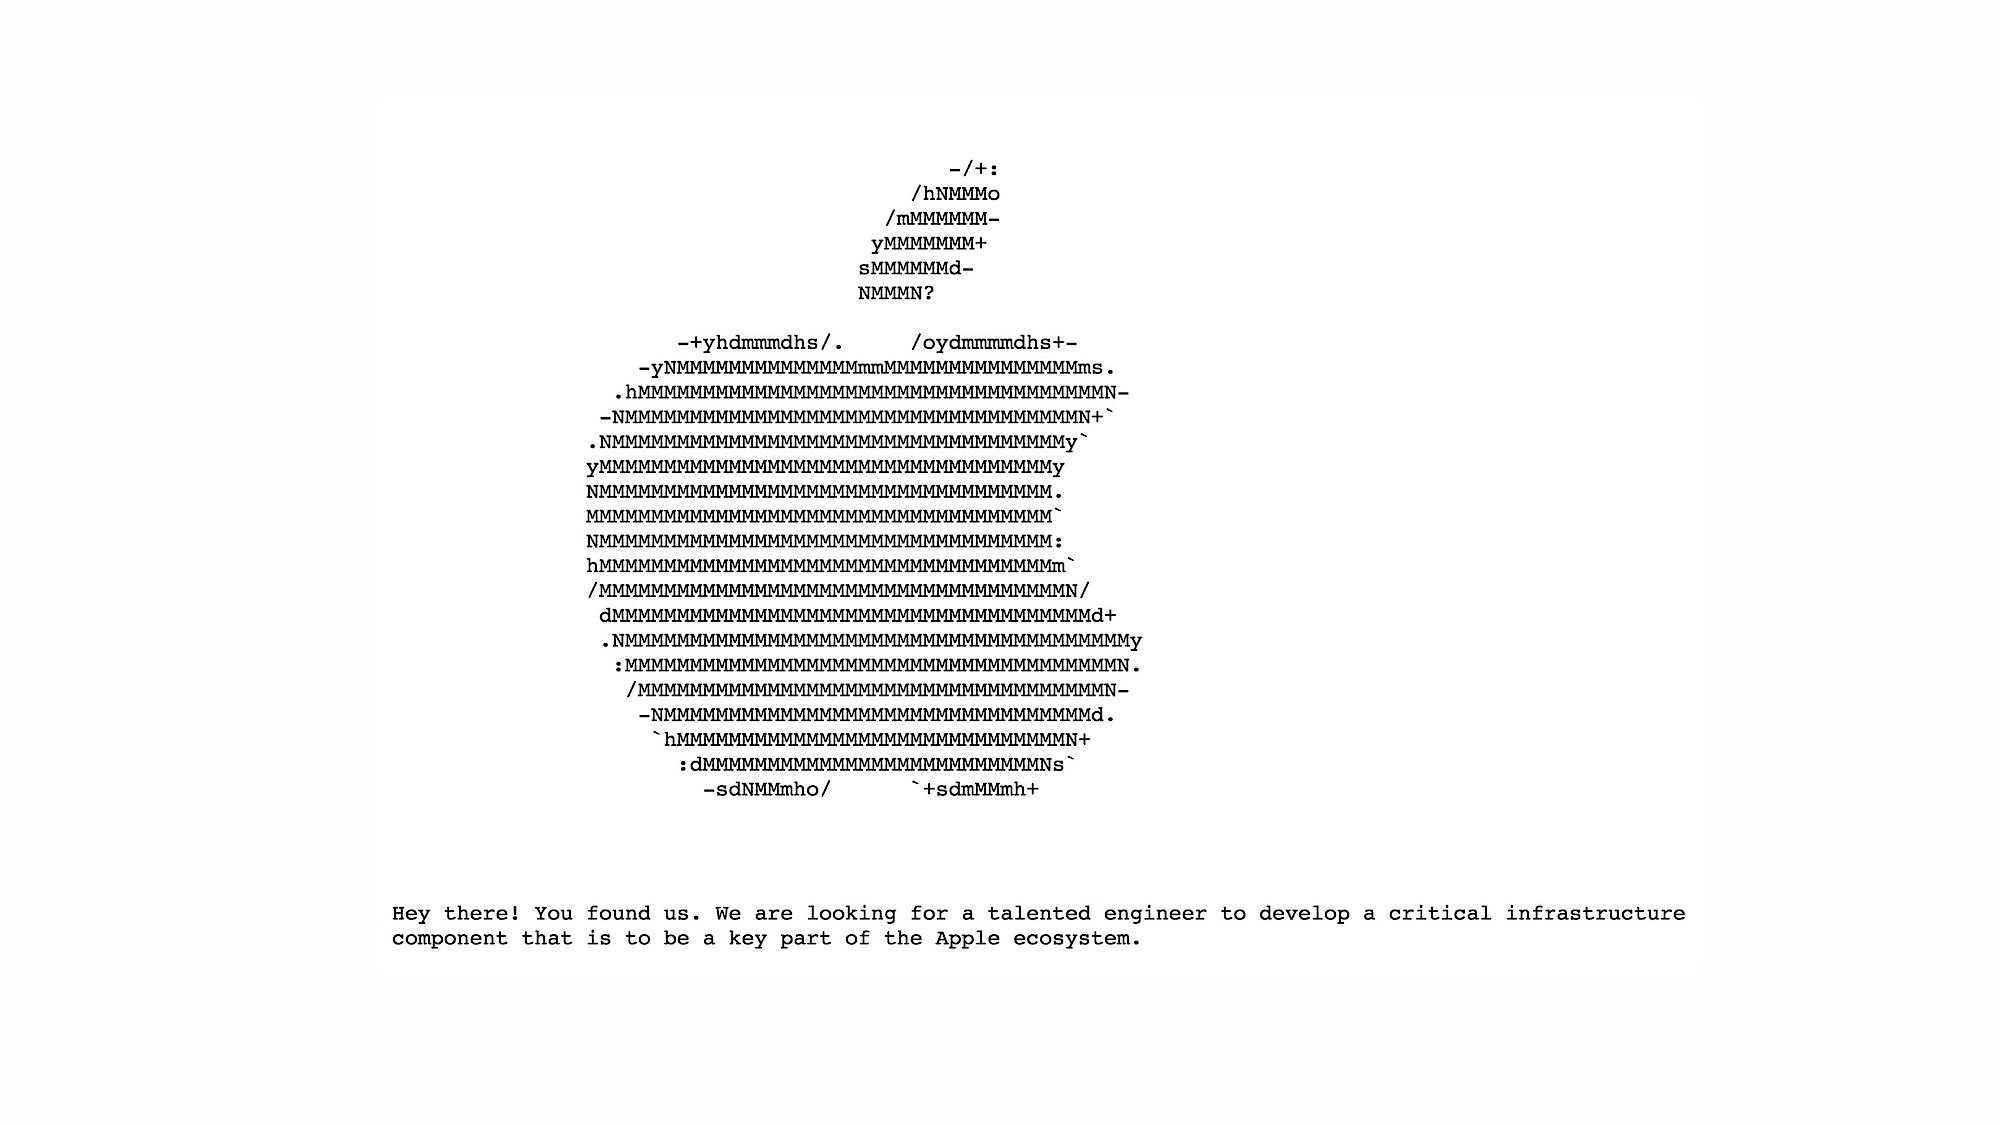 """La oferta """"secreta"""" de Apple parece casi una página para hackers más que una oferta convencional"""